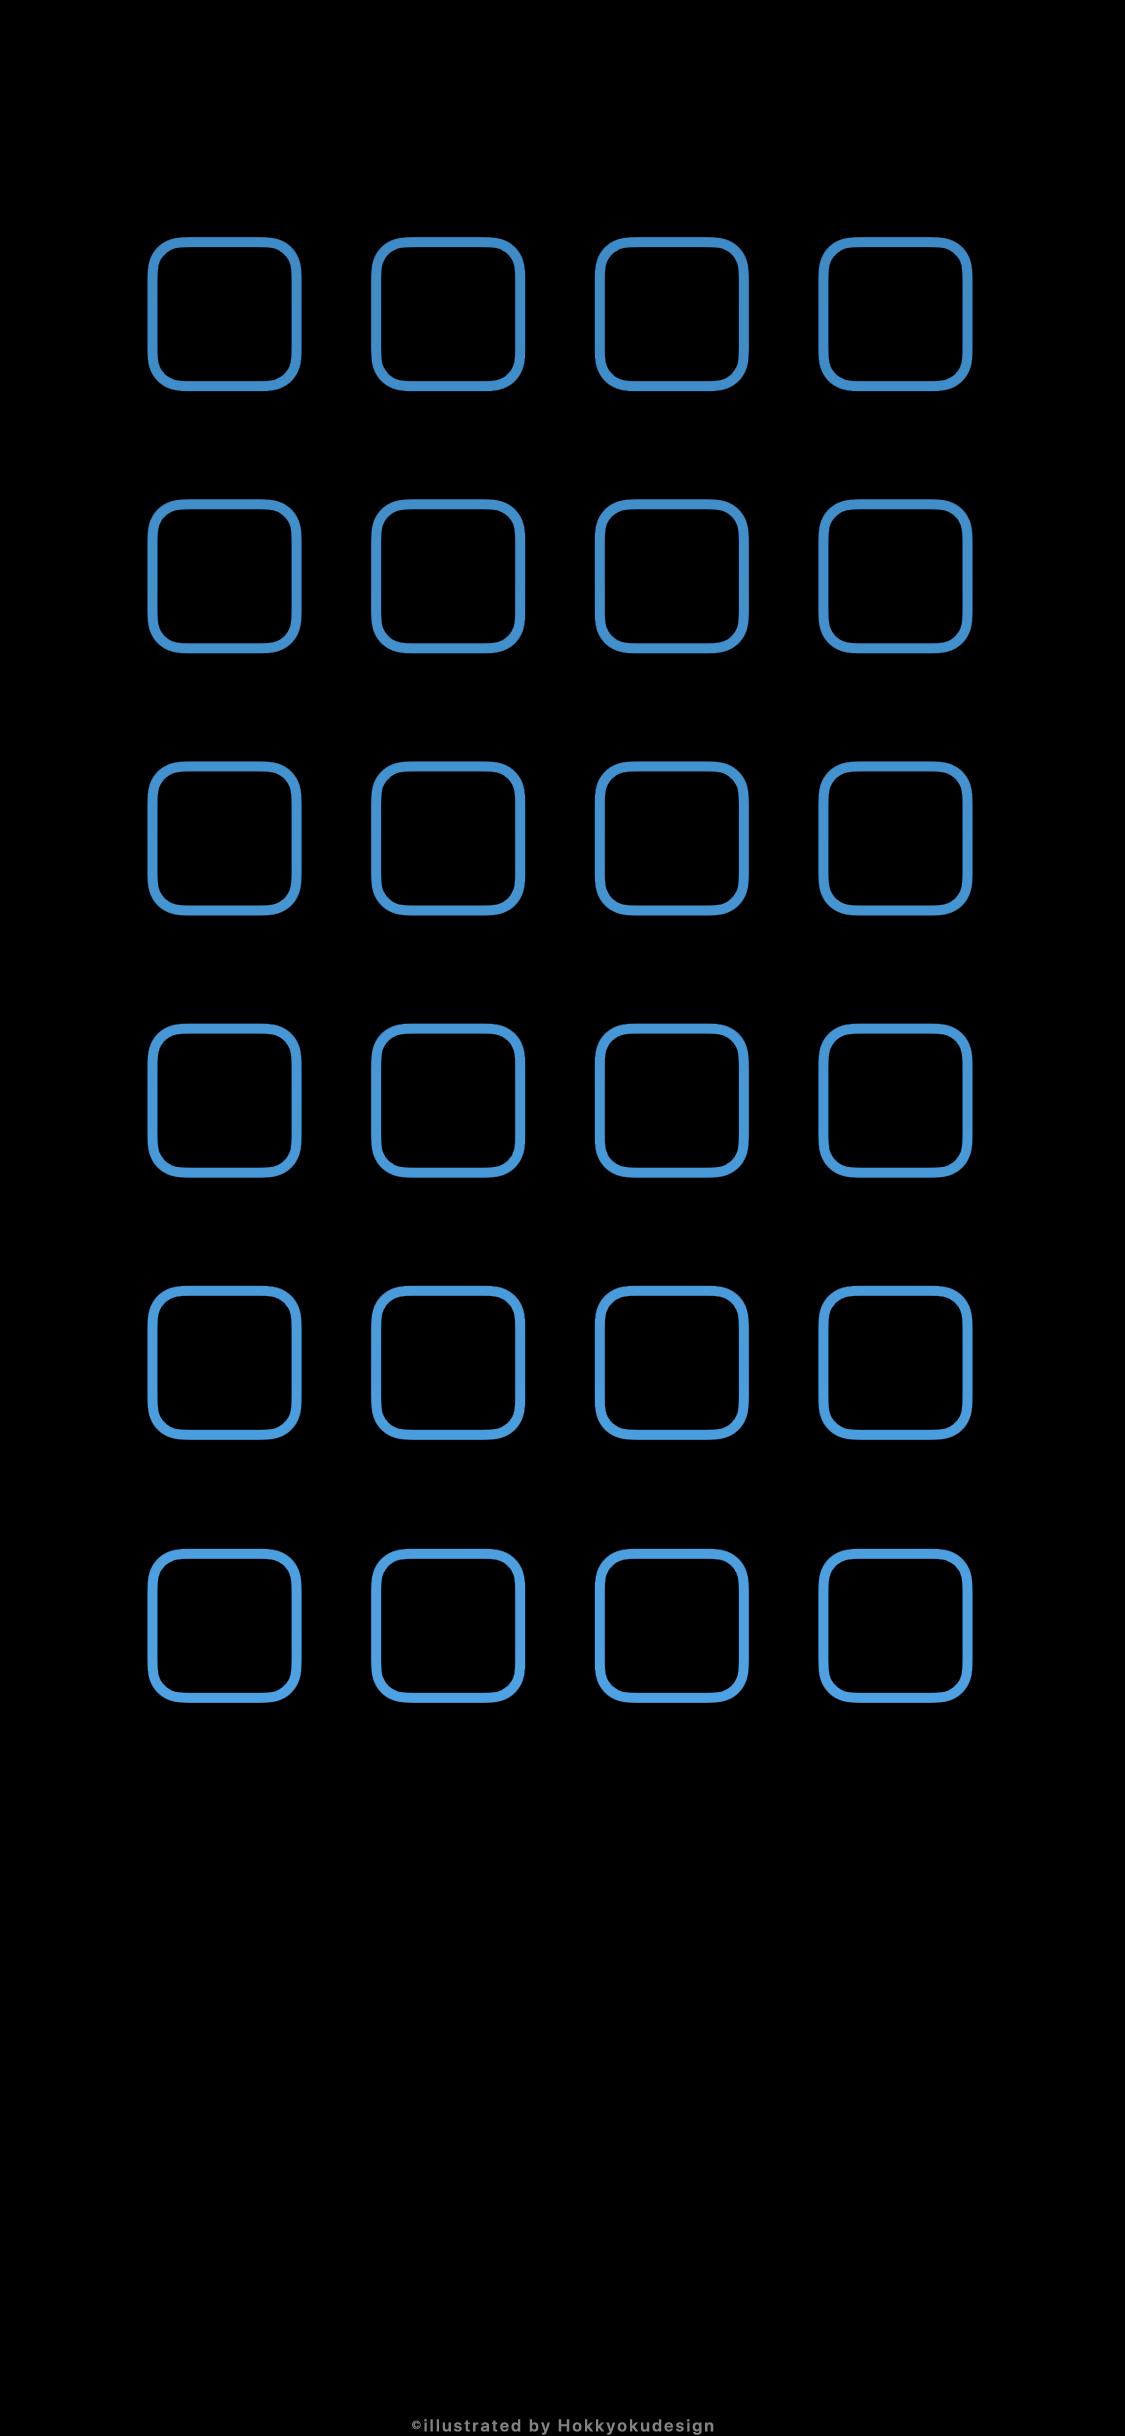 Iphone X壁紙 6 有機el液晶用黒地に青枠